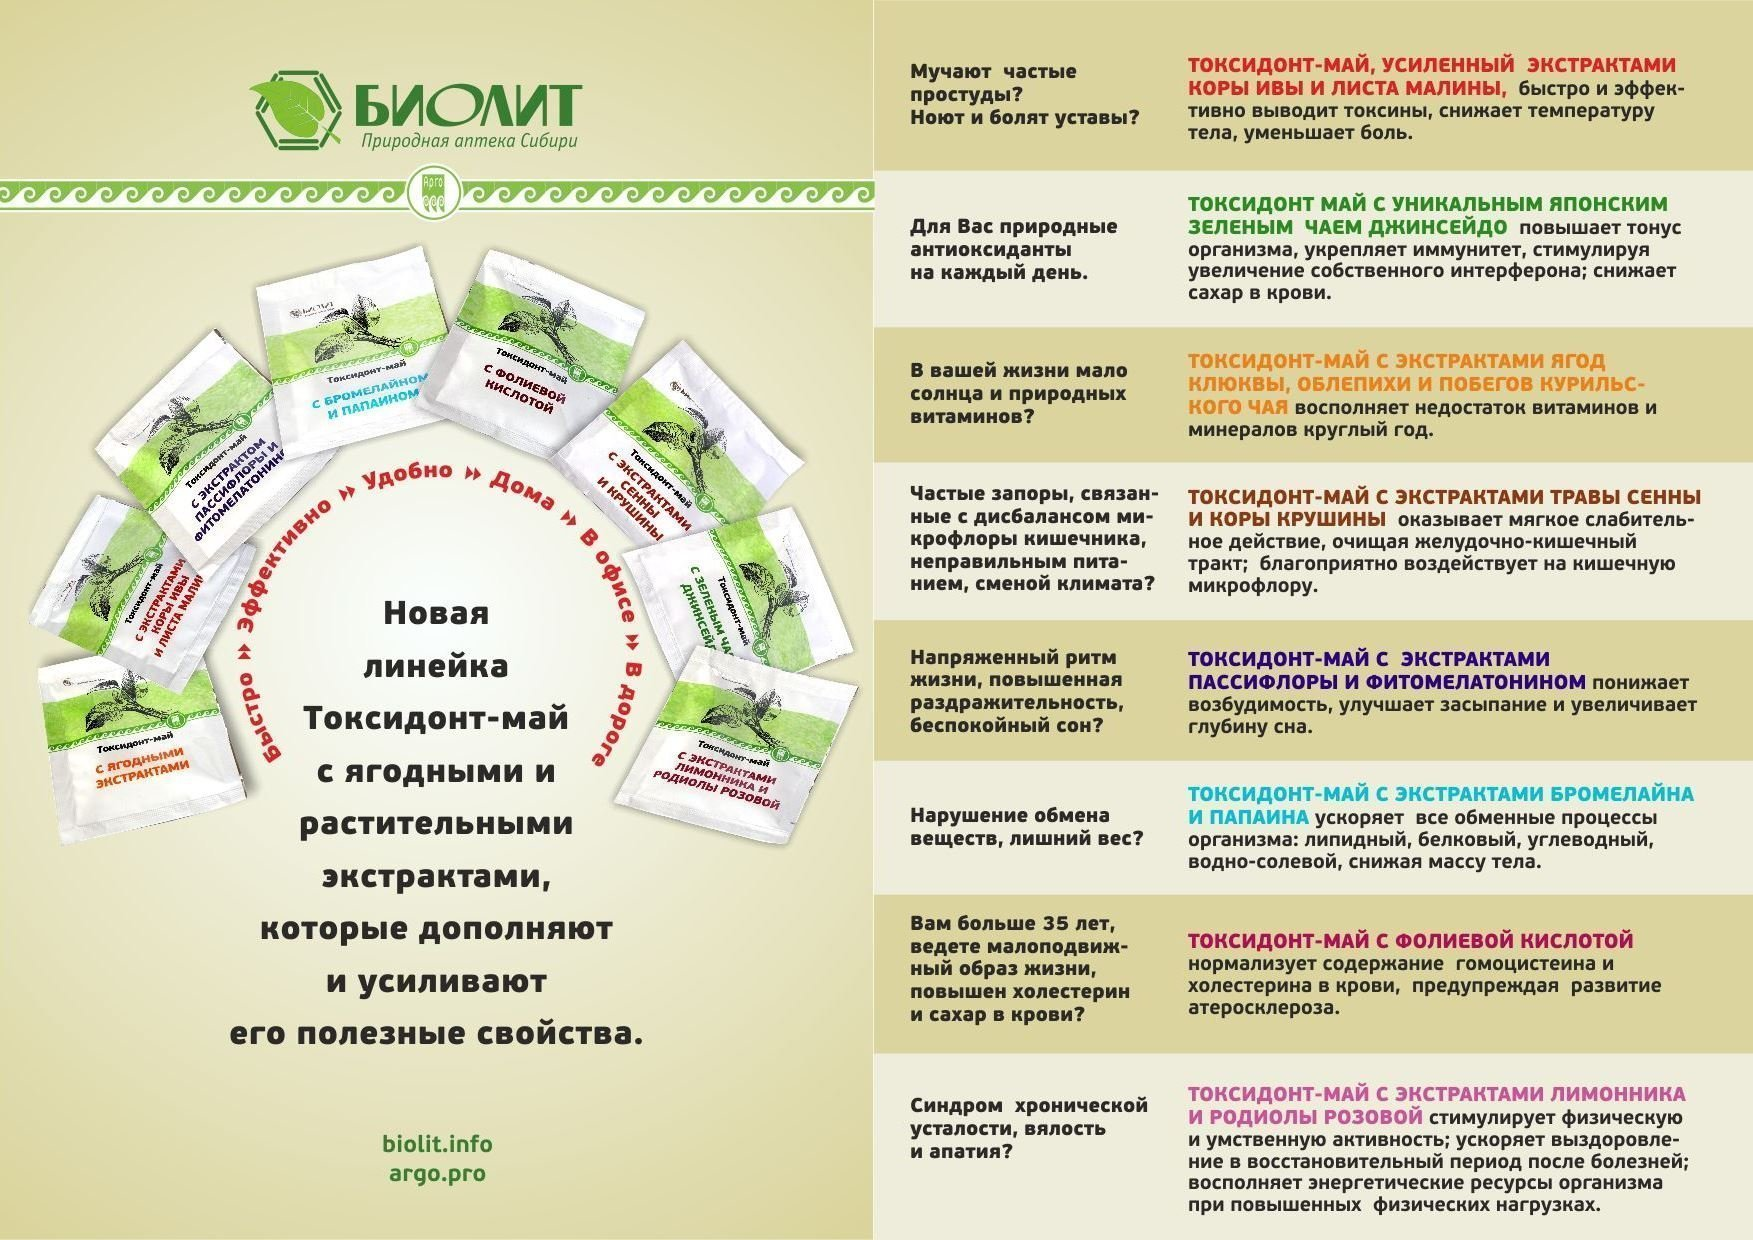 Новая линейка Токсидонт-май с растительными экстрактами